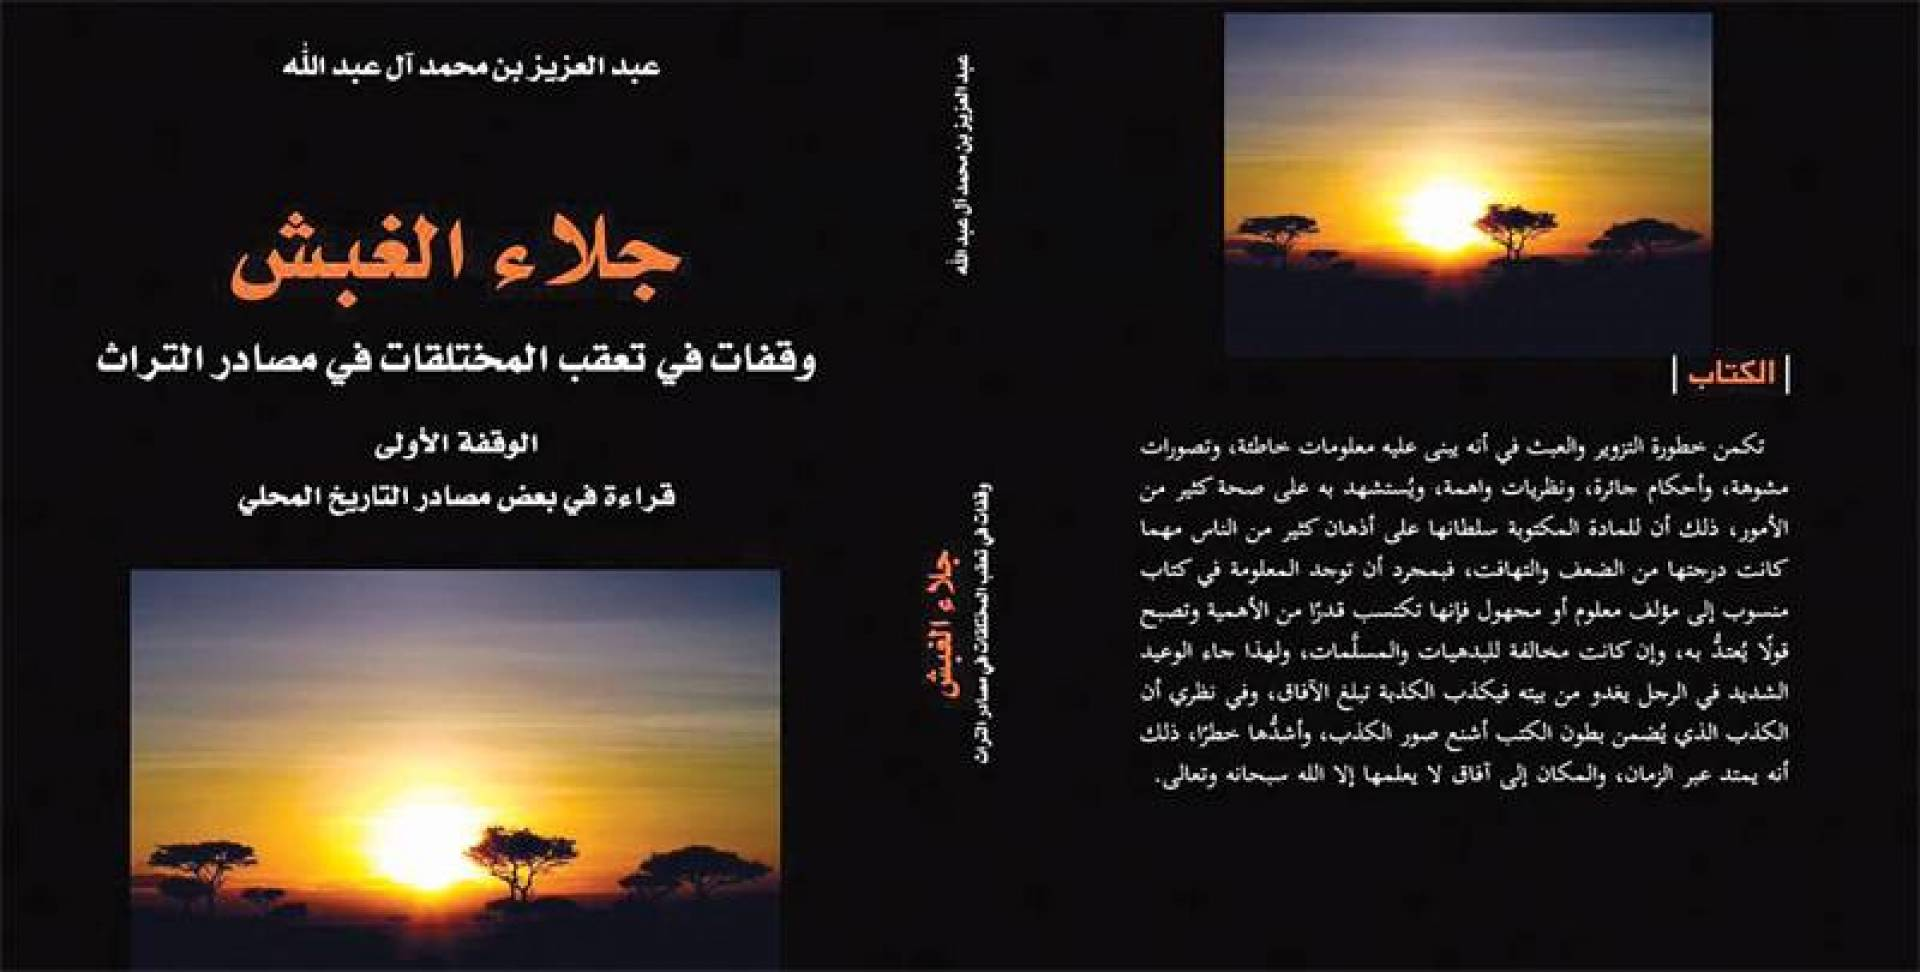 «جلاء الغبش» كتاب يجعلك تعيد النظر بكتب التاريخ المعاصر!